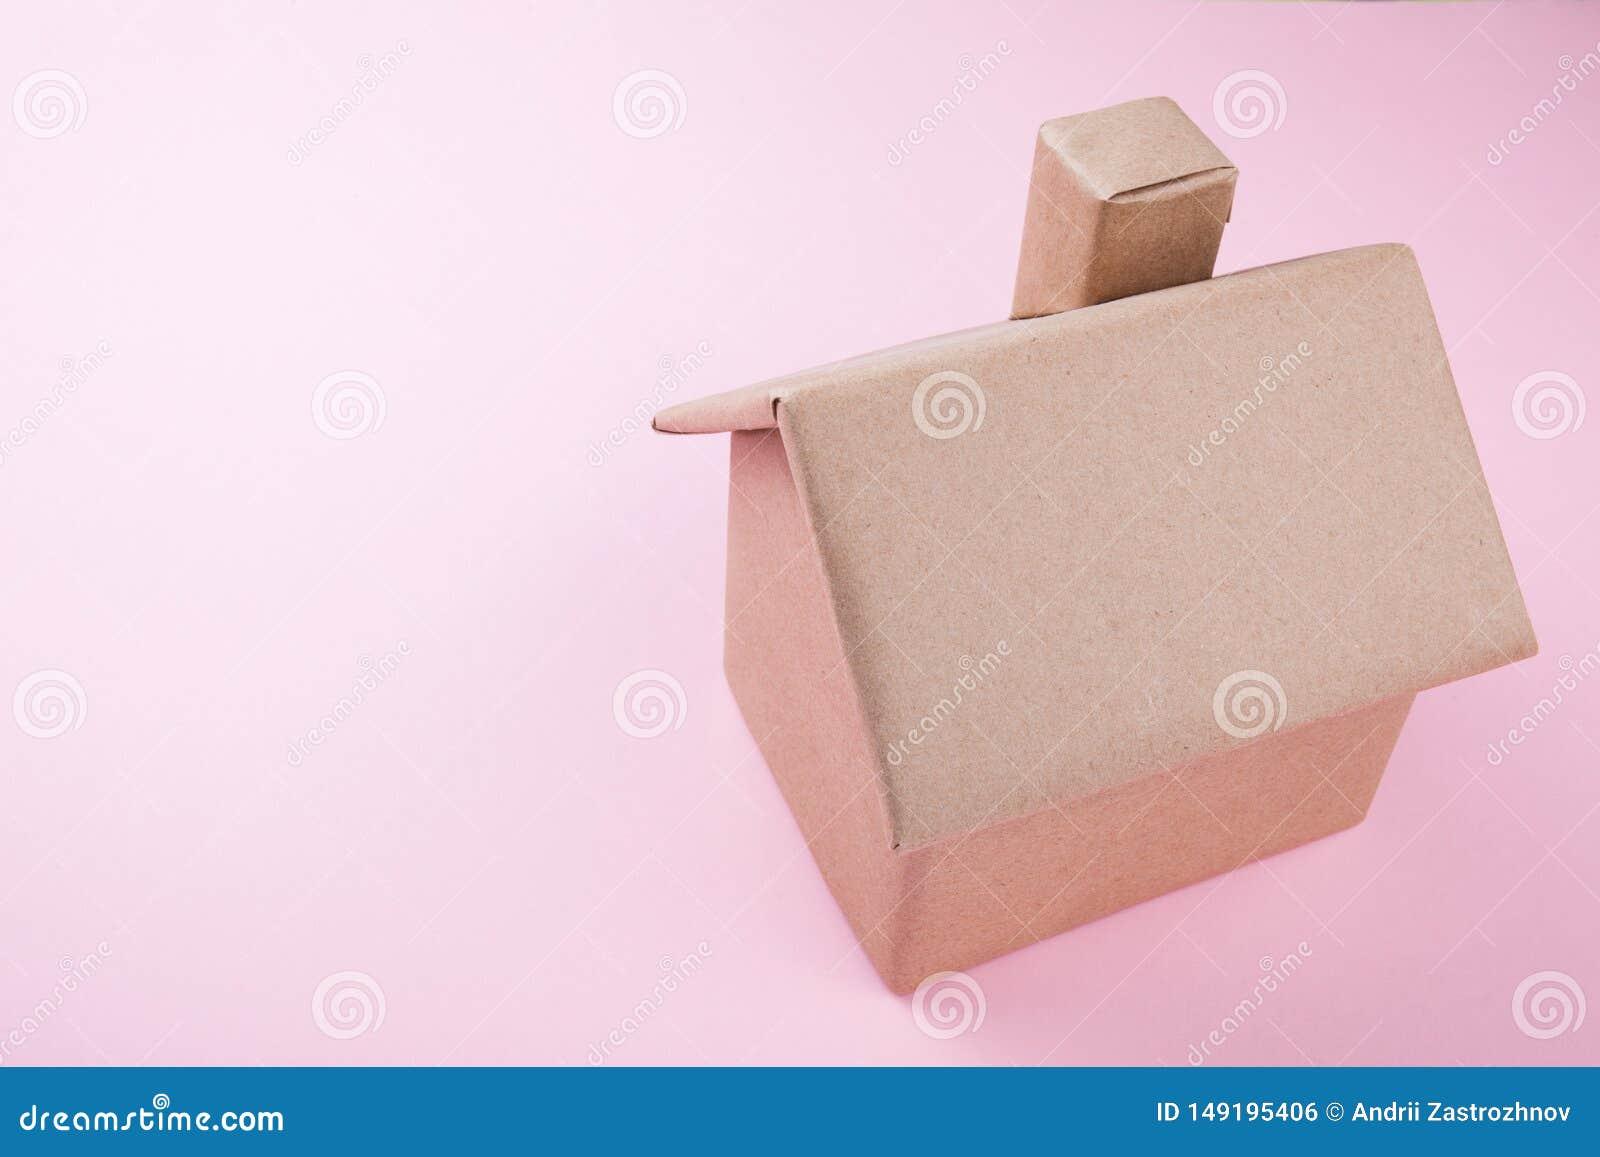 概念,房子由皱纸板制成,隔绝在桃红色背景 E